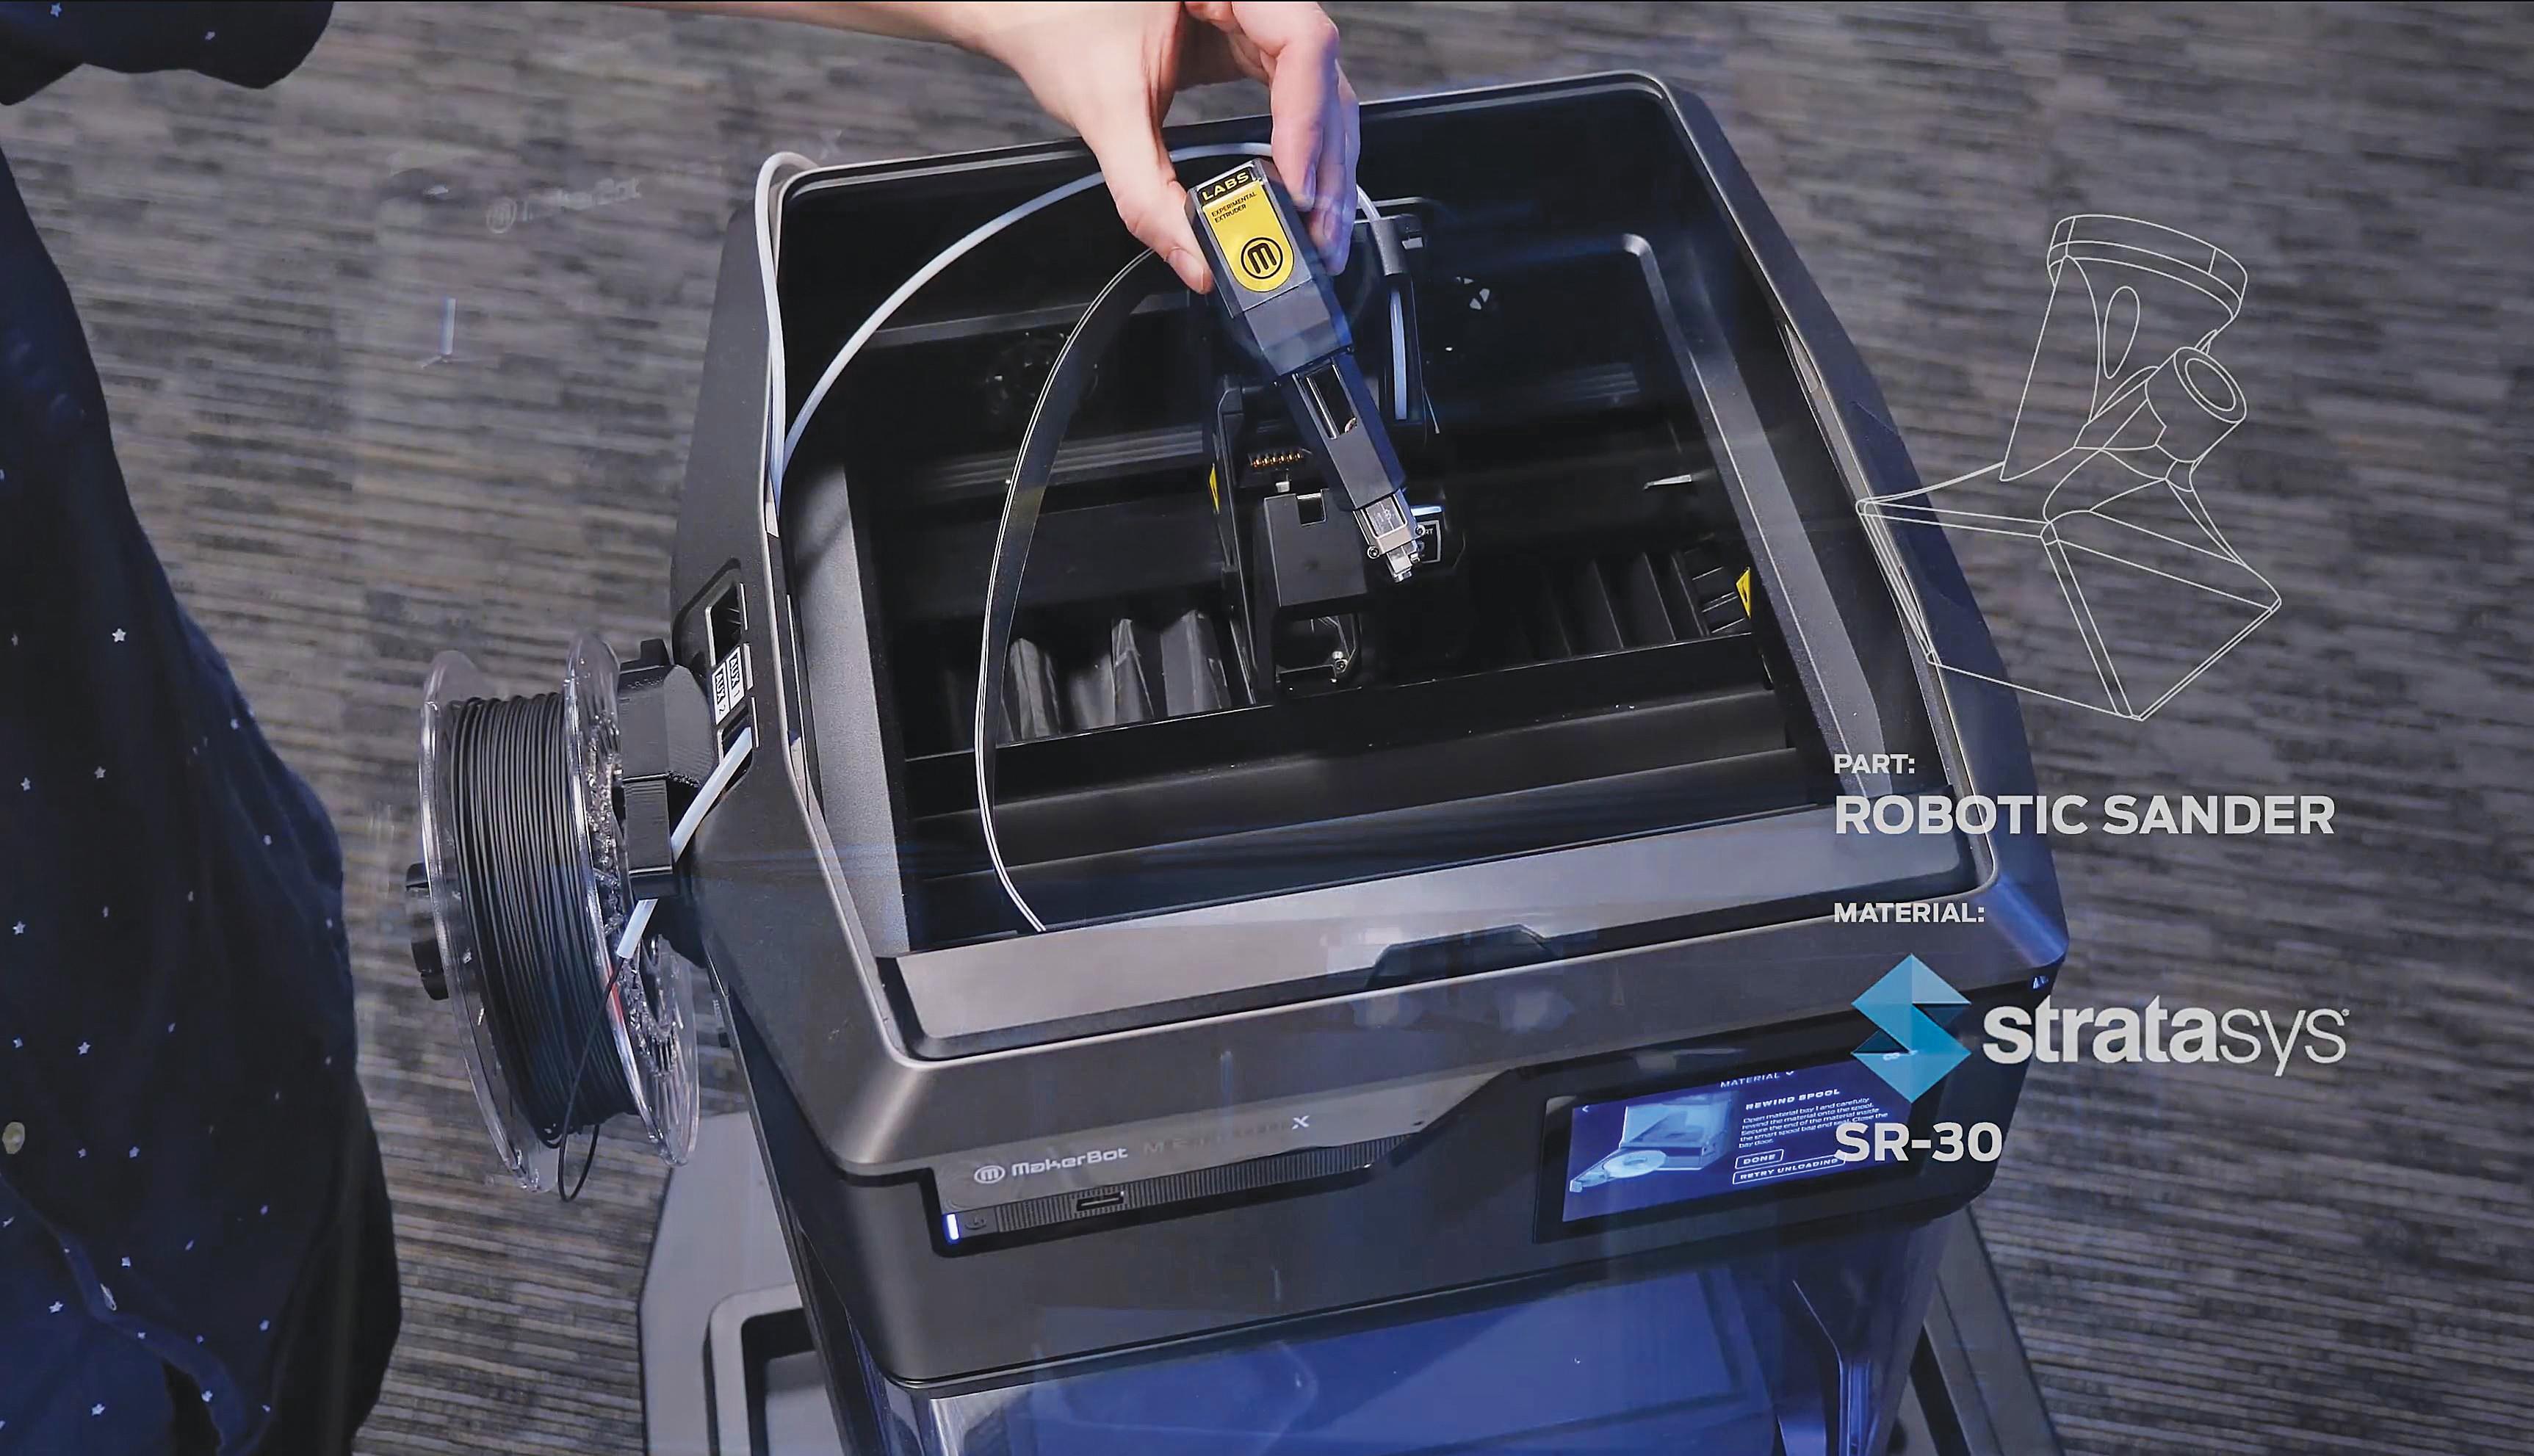 Une extrudeuse pour imprimer une multitude de matériaux